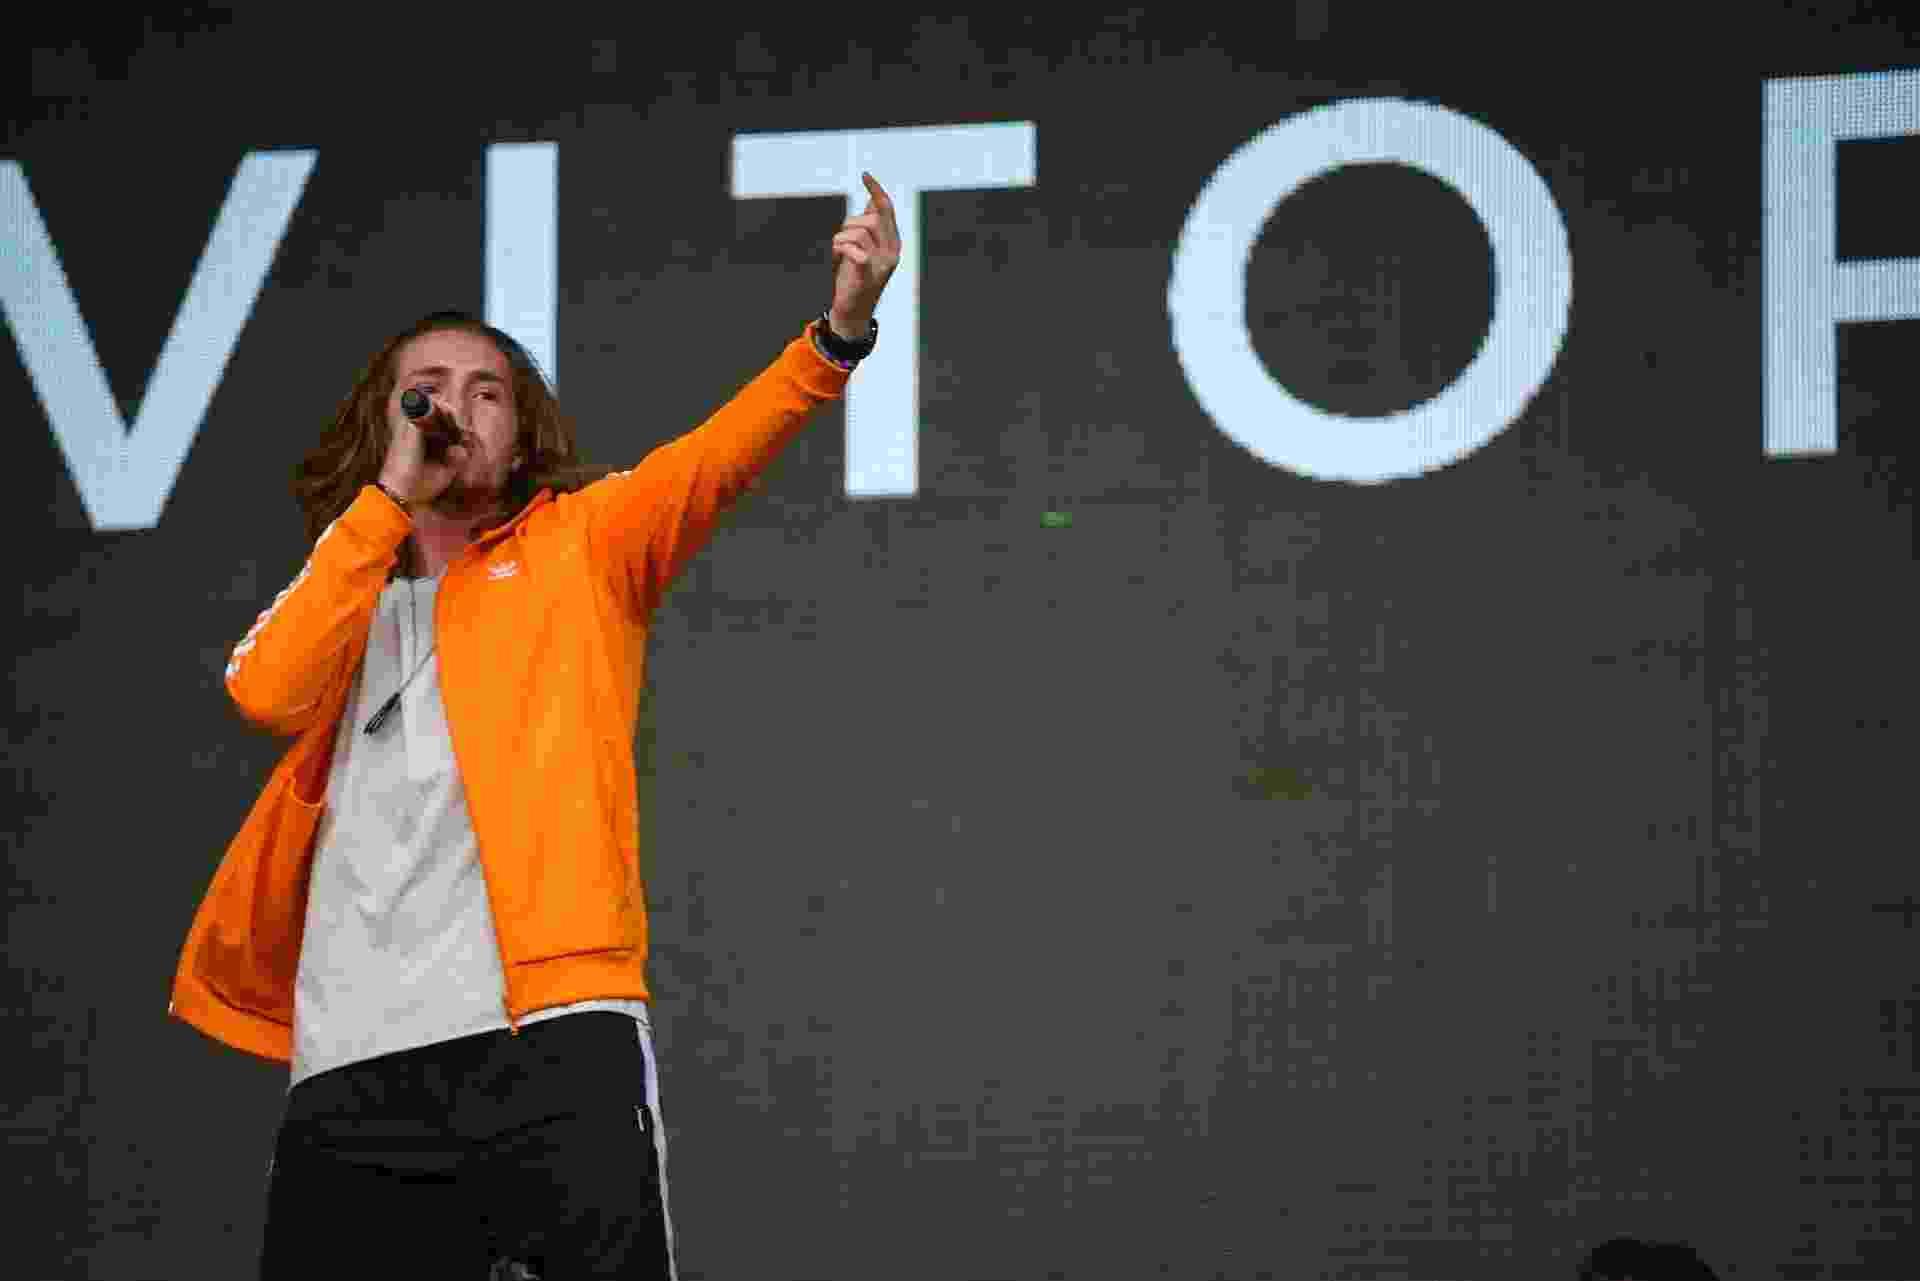 Vitor Kley se apresenta com os duos Chemical Surf e Dubdogz no Lollapalooza - Flavio Moraes/UOL